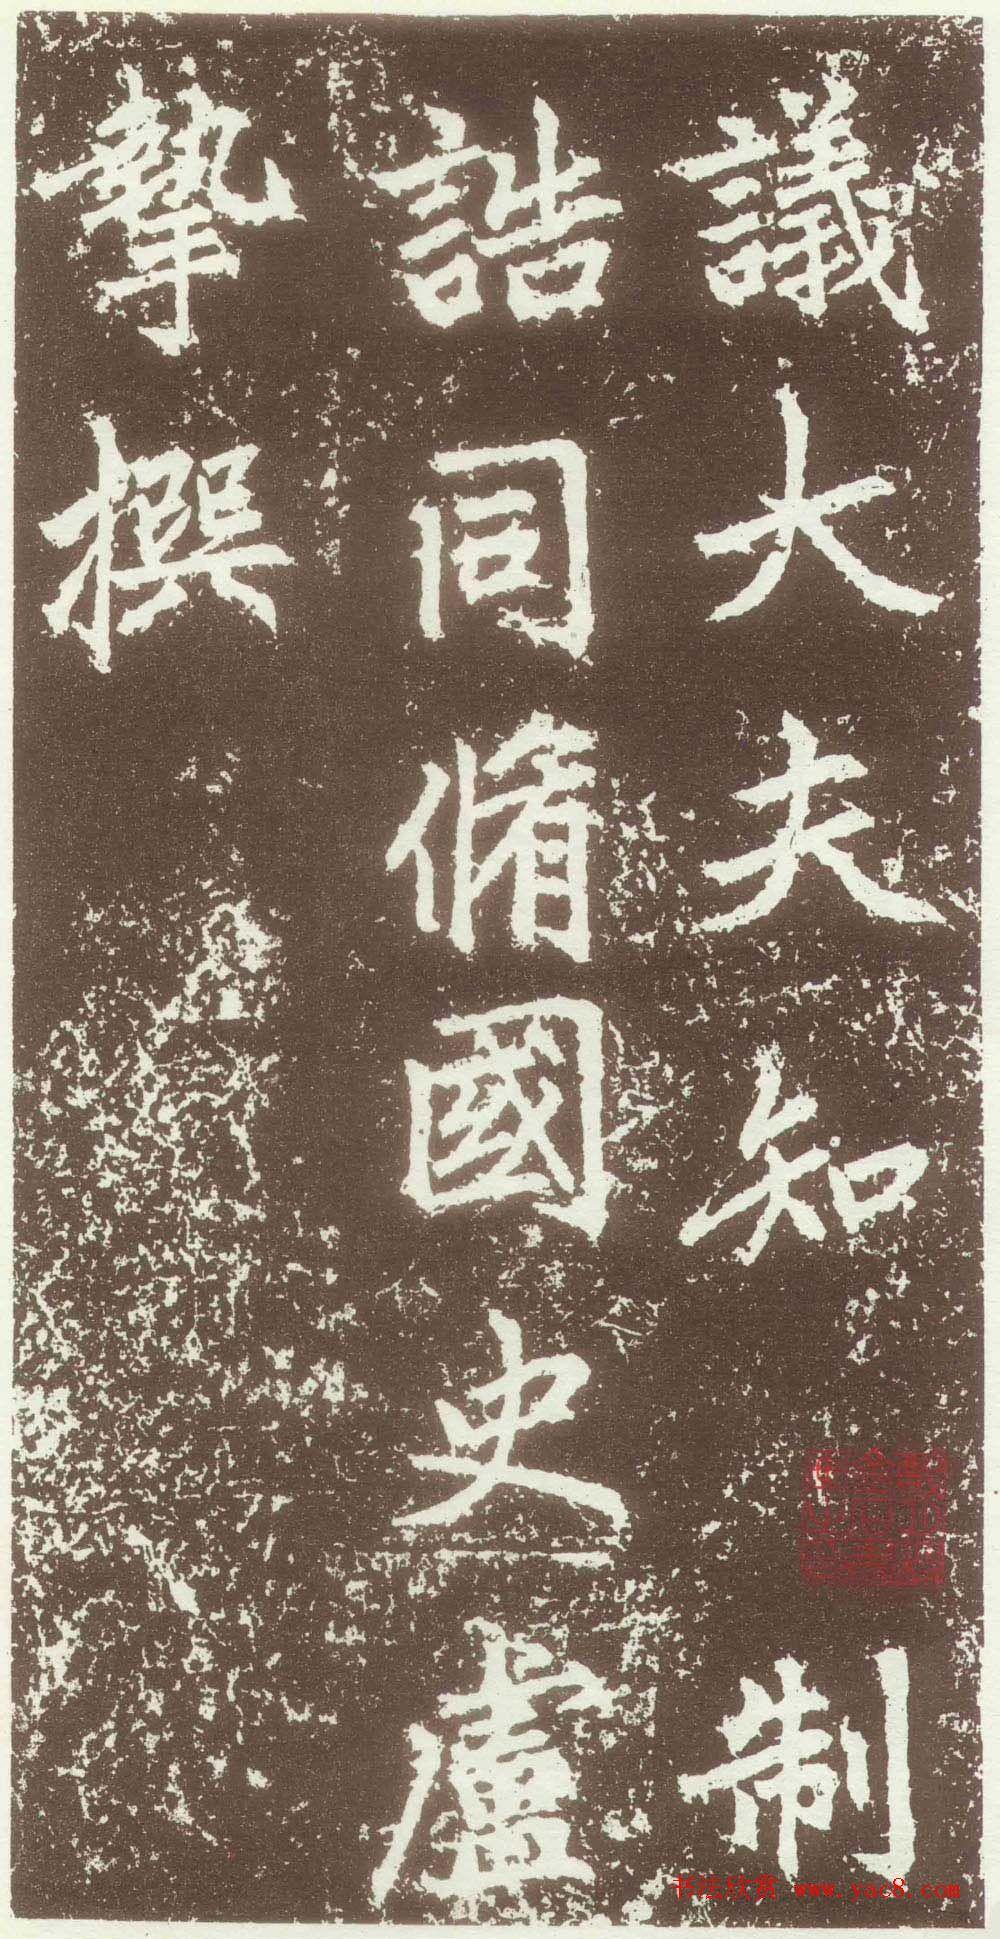 赵孟頫行楷书法欣赏《元故太常博士敬君墓碣铭并序》